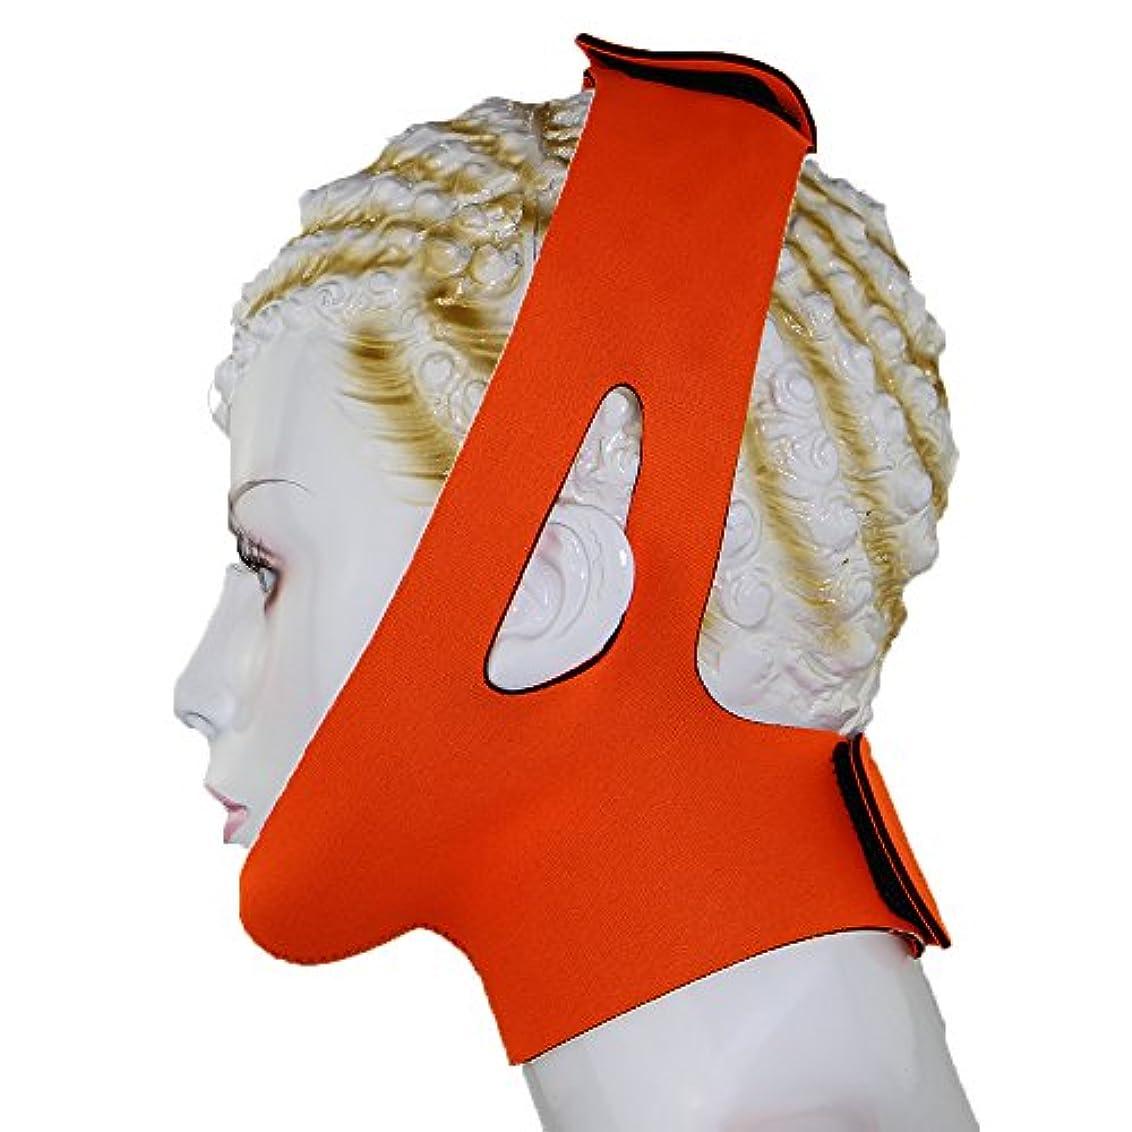 注入する割り当てるスキャンダル小顔 美容 顎サポーター ほうれい線 豊齢線 解消 マッサージグッズ フェイスマスク 二重あご 加圧 ベルト レディース (オレンジ)